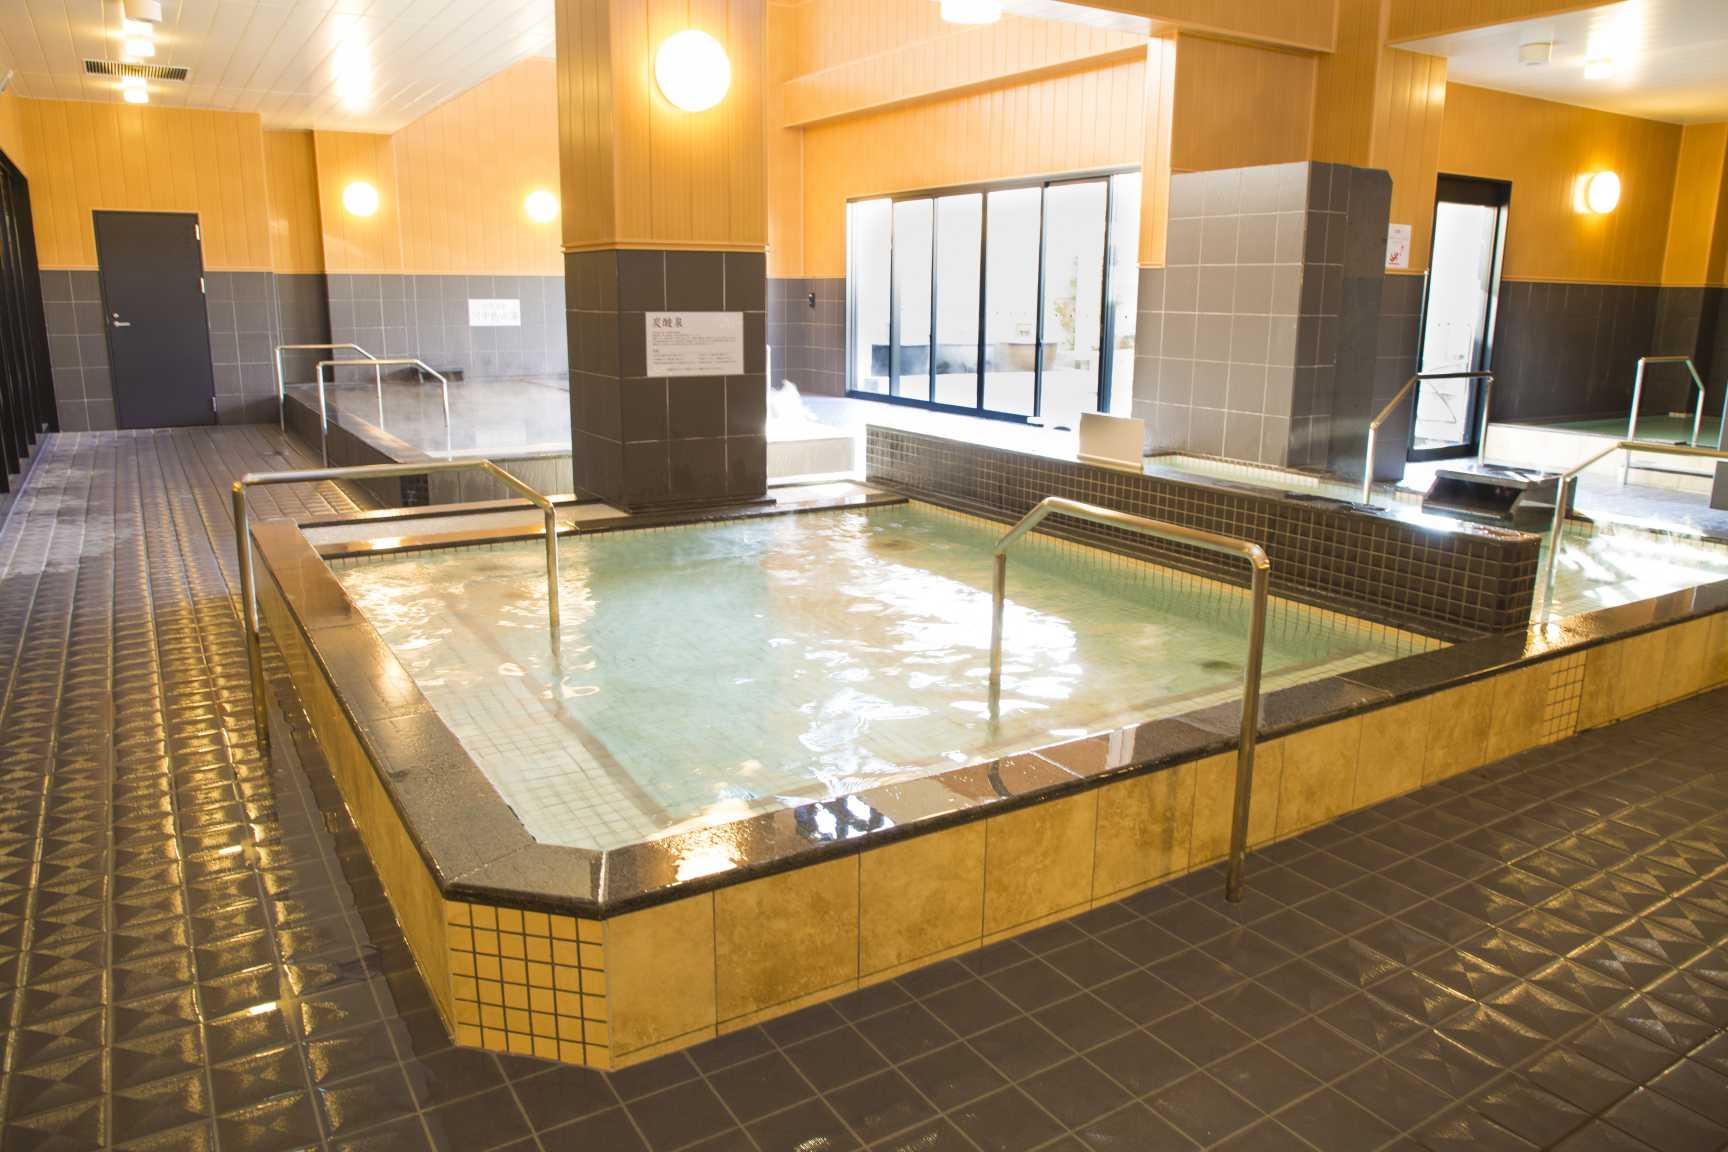 炭酸によって湯が白く見る風呂